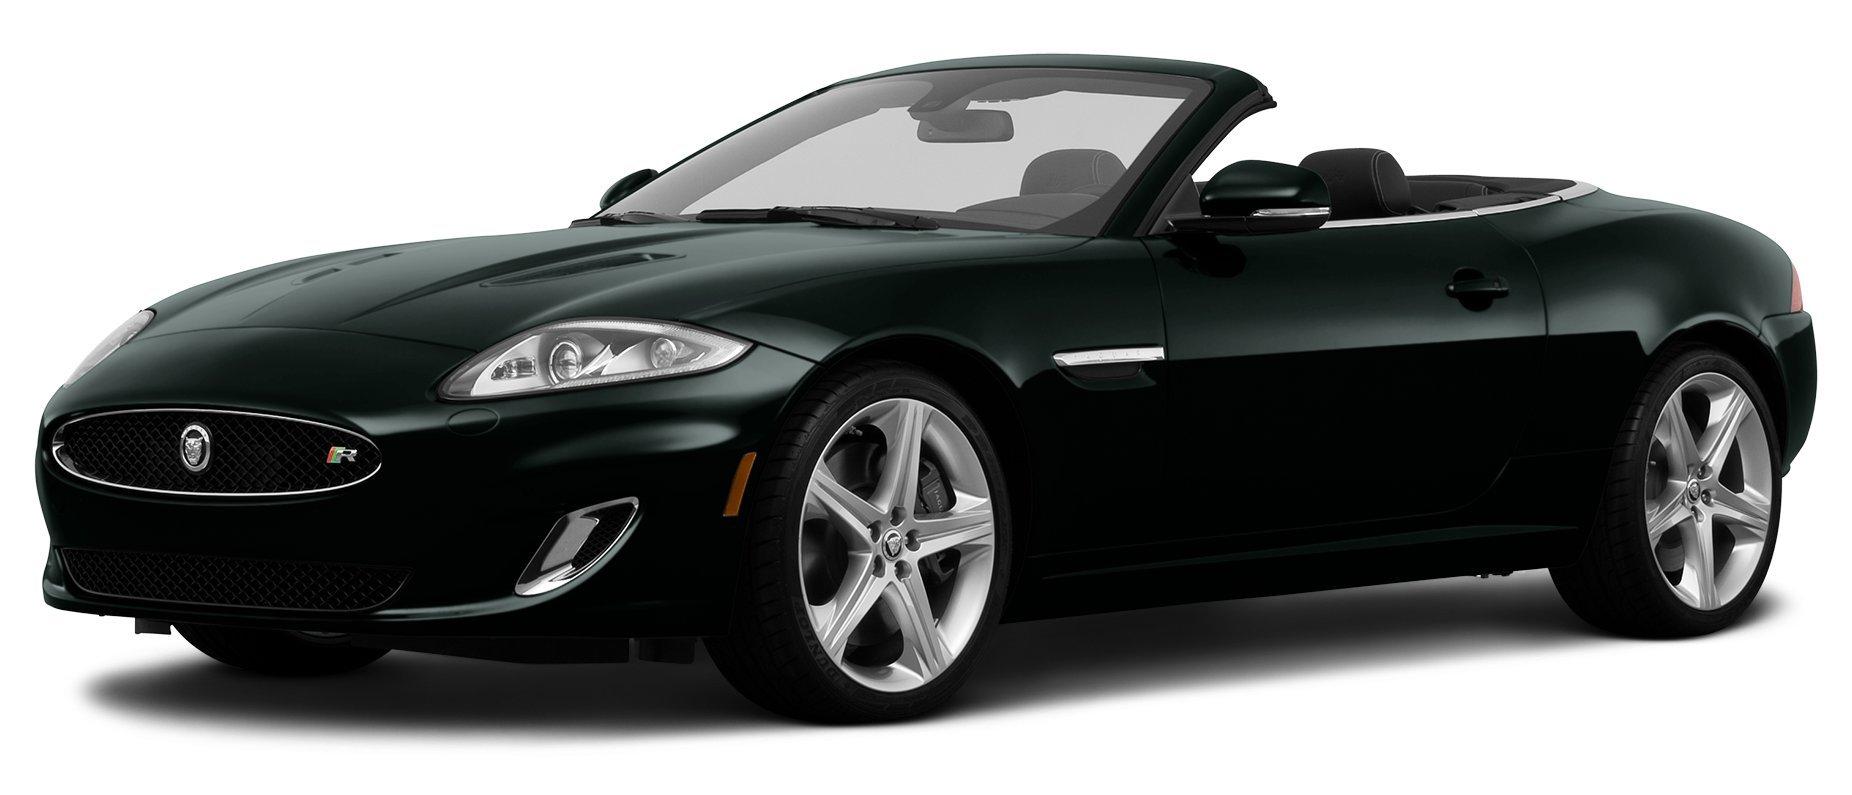 Lovely 2013 Jaguar XKR, 2 Door Convertible ...